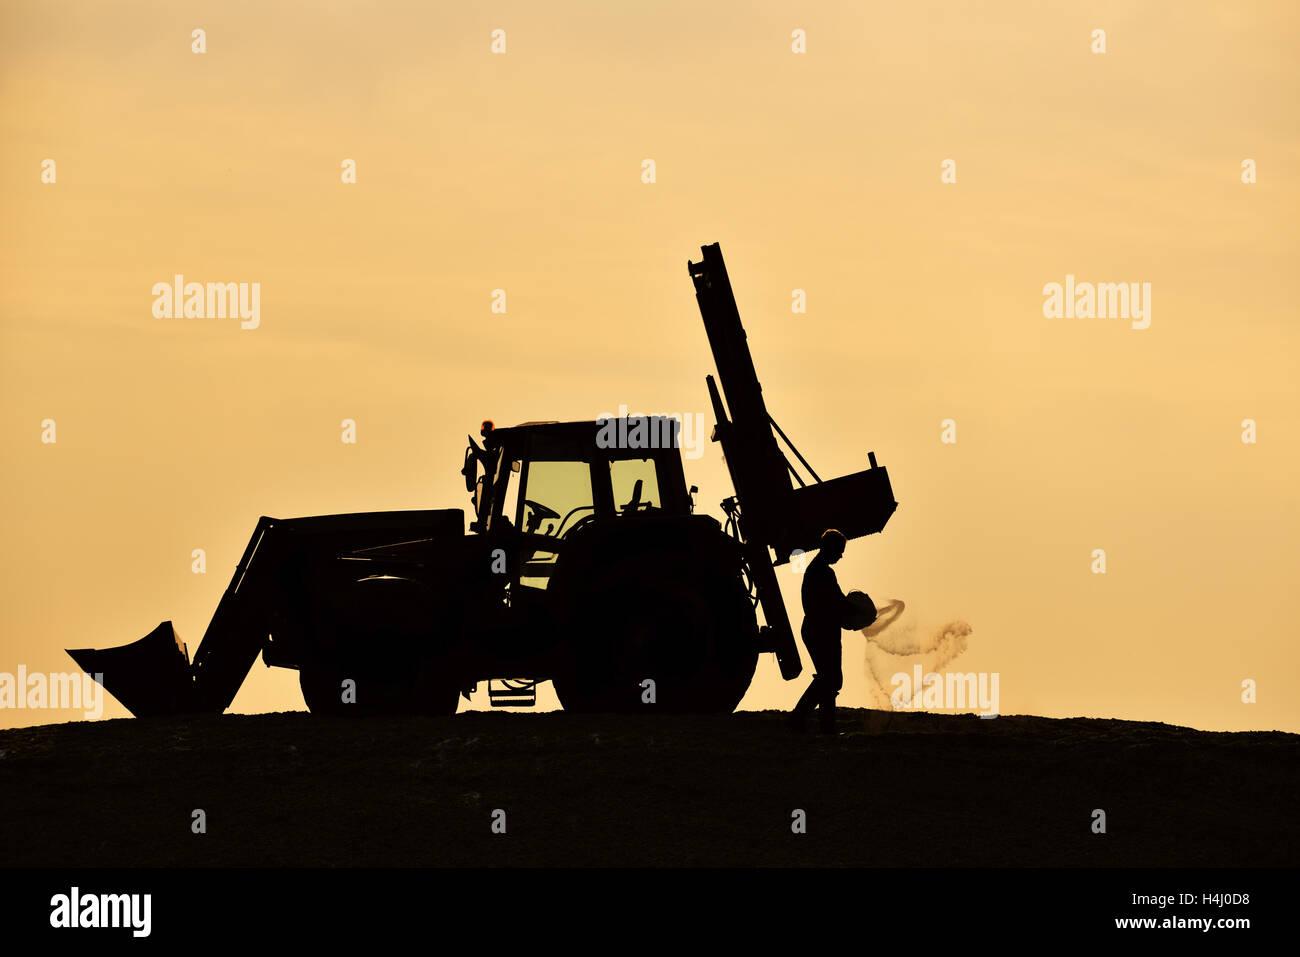 Le tracteur et l'Agriculteur Agriculteur Silhouettes, saupoudrer les tas d'ensilage, pendant le crépuscule. Photo Stock